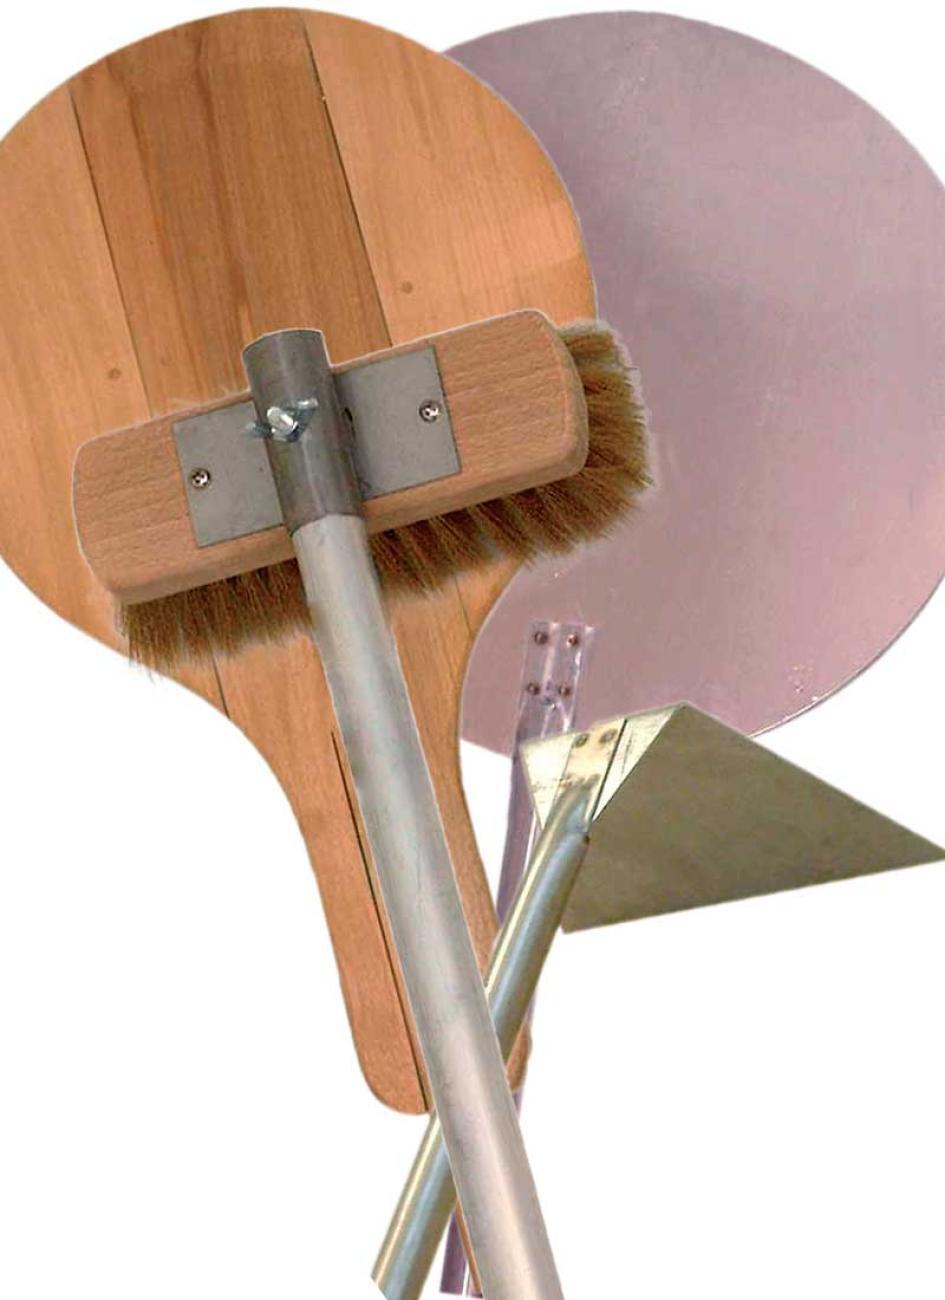 Thermomètre Four À Pain 500 accessoires four à pain, pelle bois, pelle inox, balayette